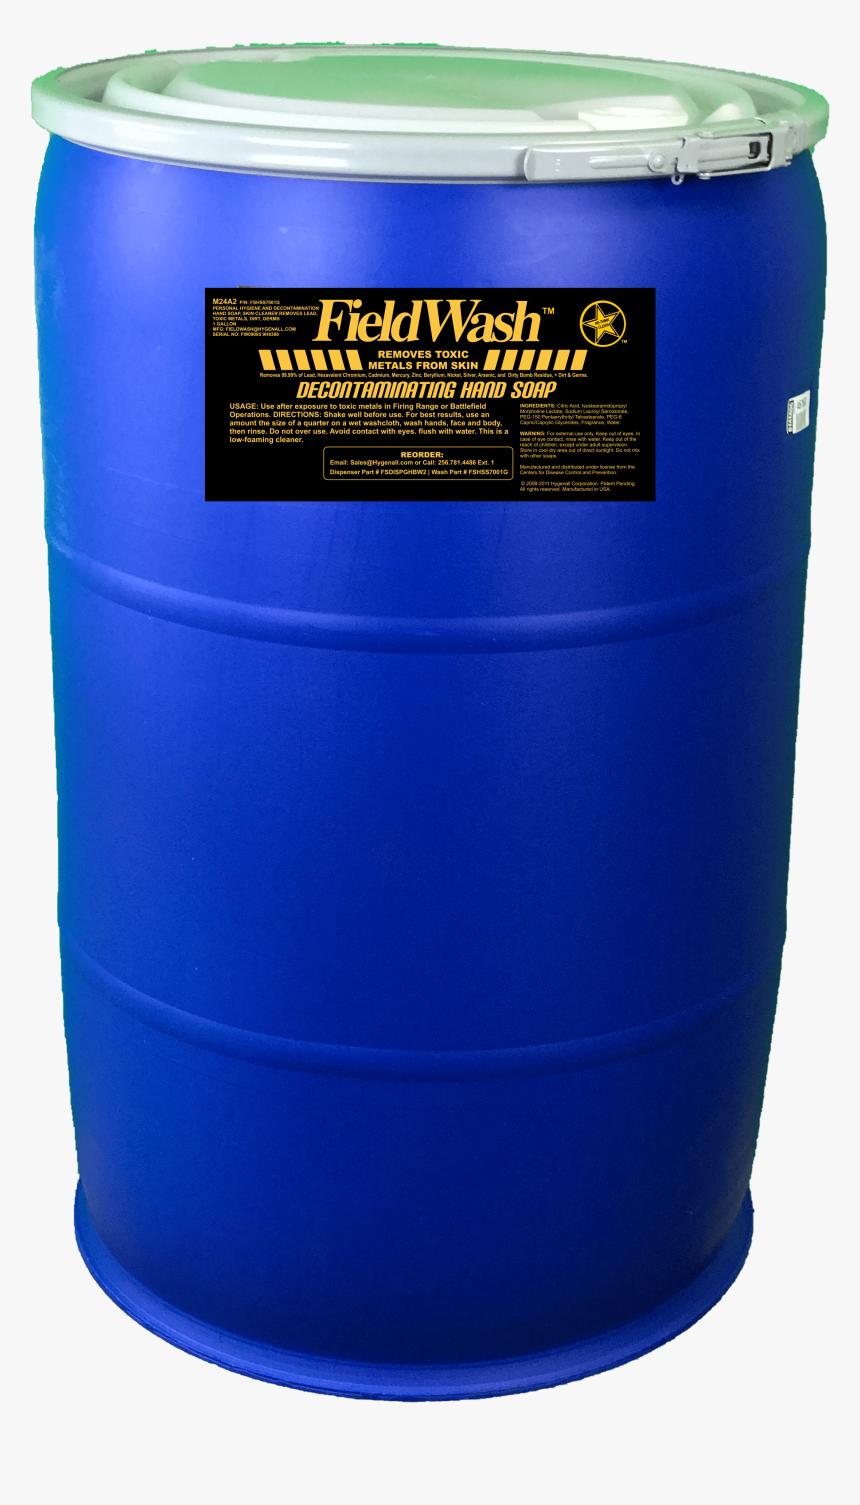 Hygenall® Fieldwash 55 U - Plastic, HD Png Download, Free Download